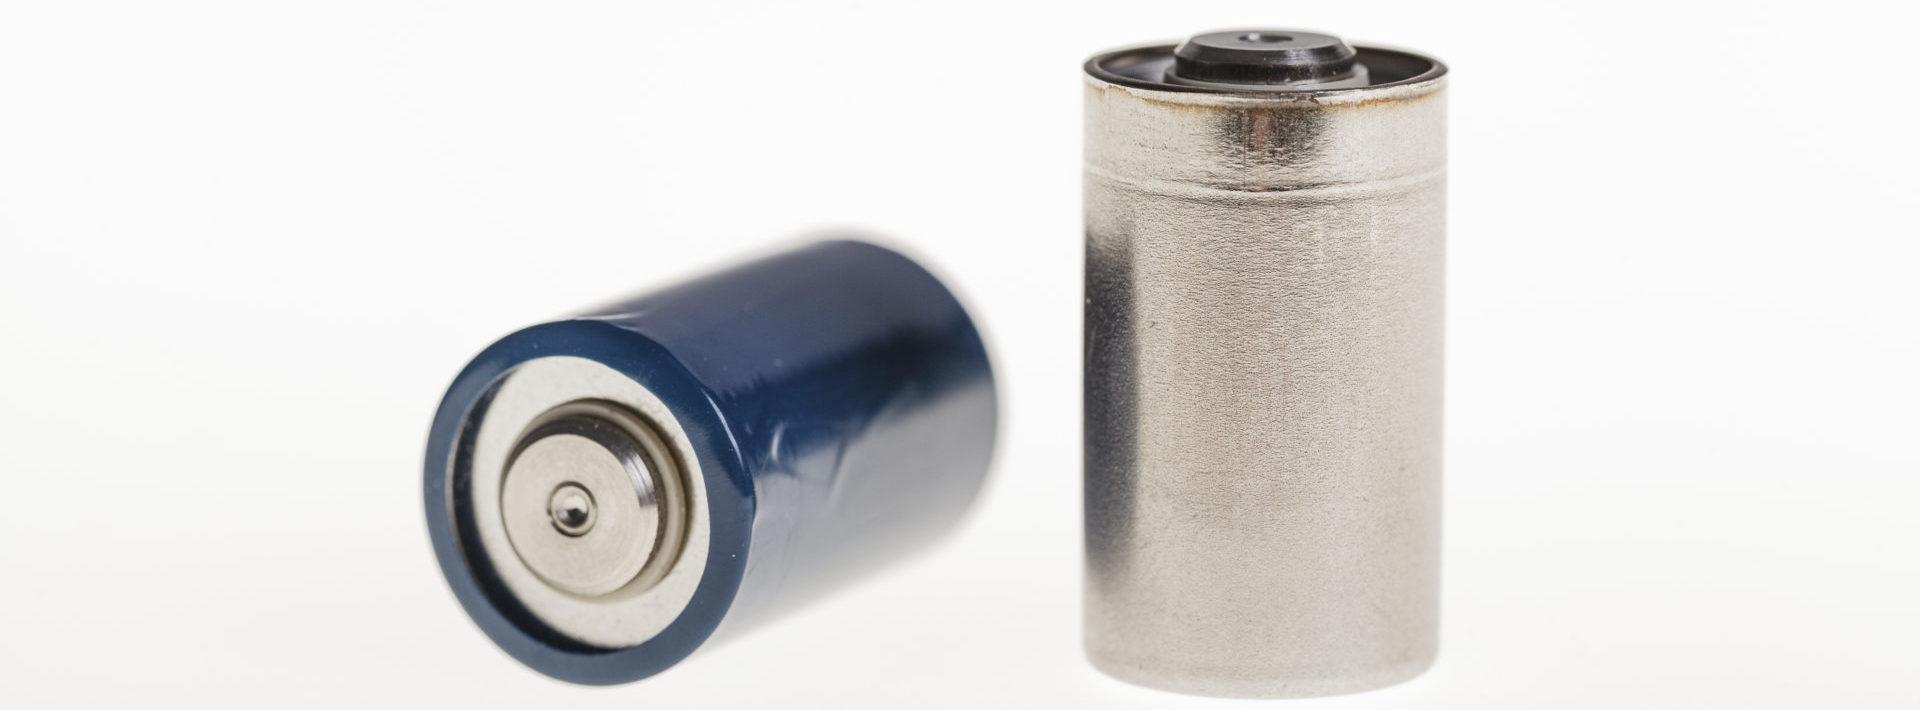 Industrielle Demontage von Batteriemodulen und E-Motoren